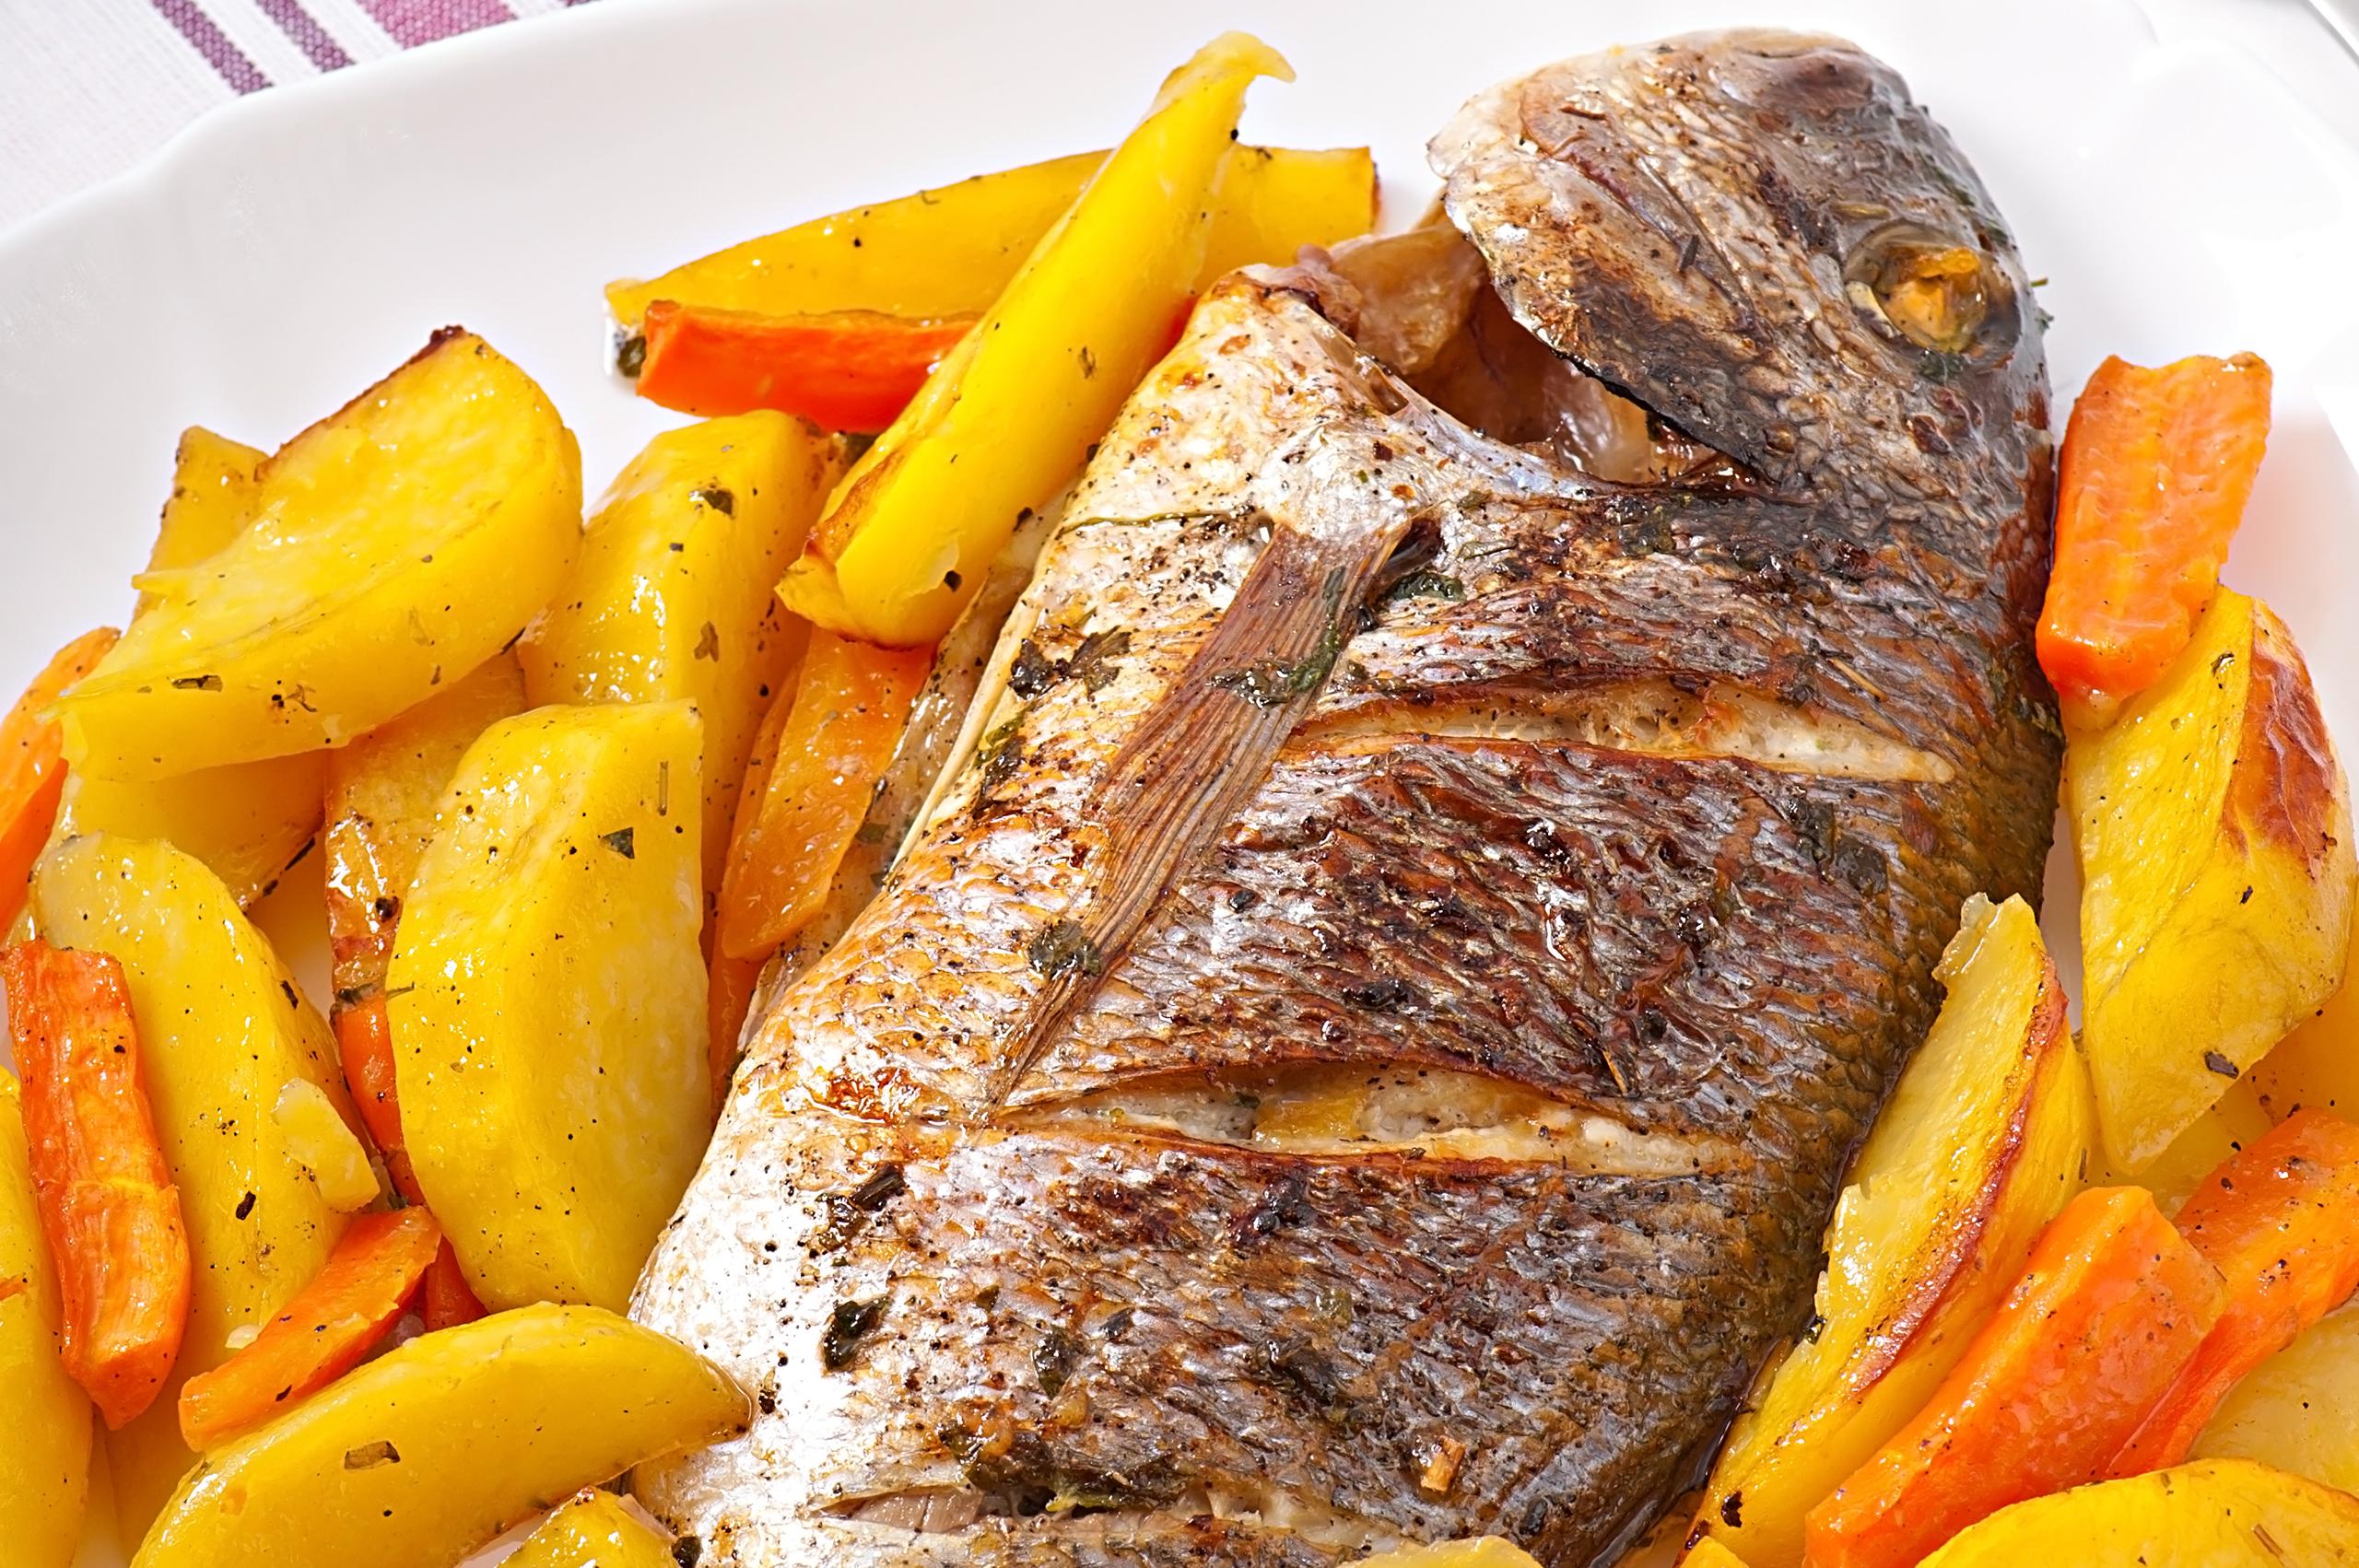 Carpa al forno: come cucinare questo pesce di acqua dolce